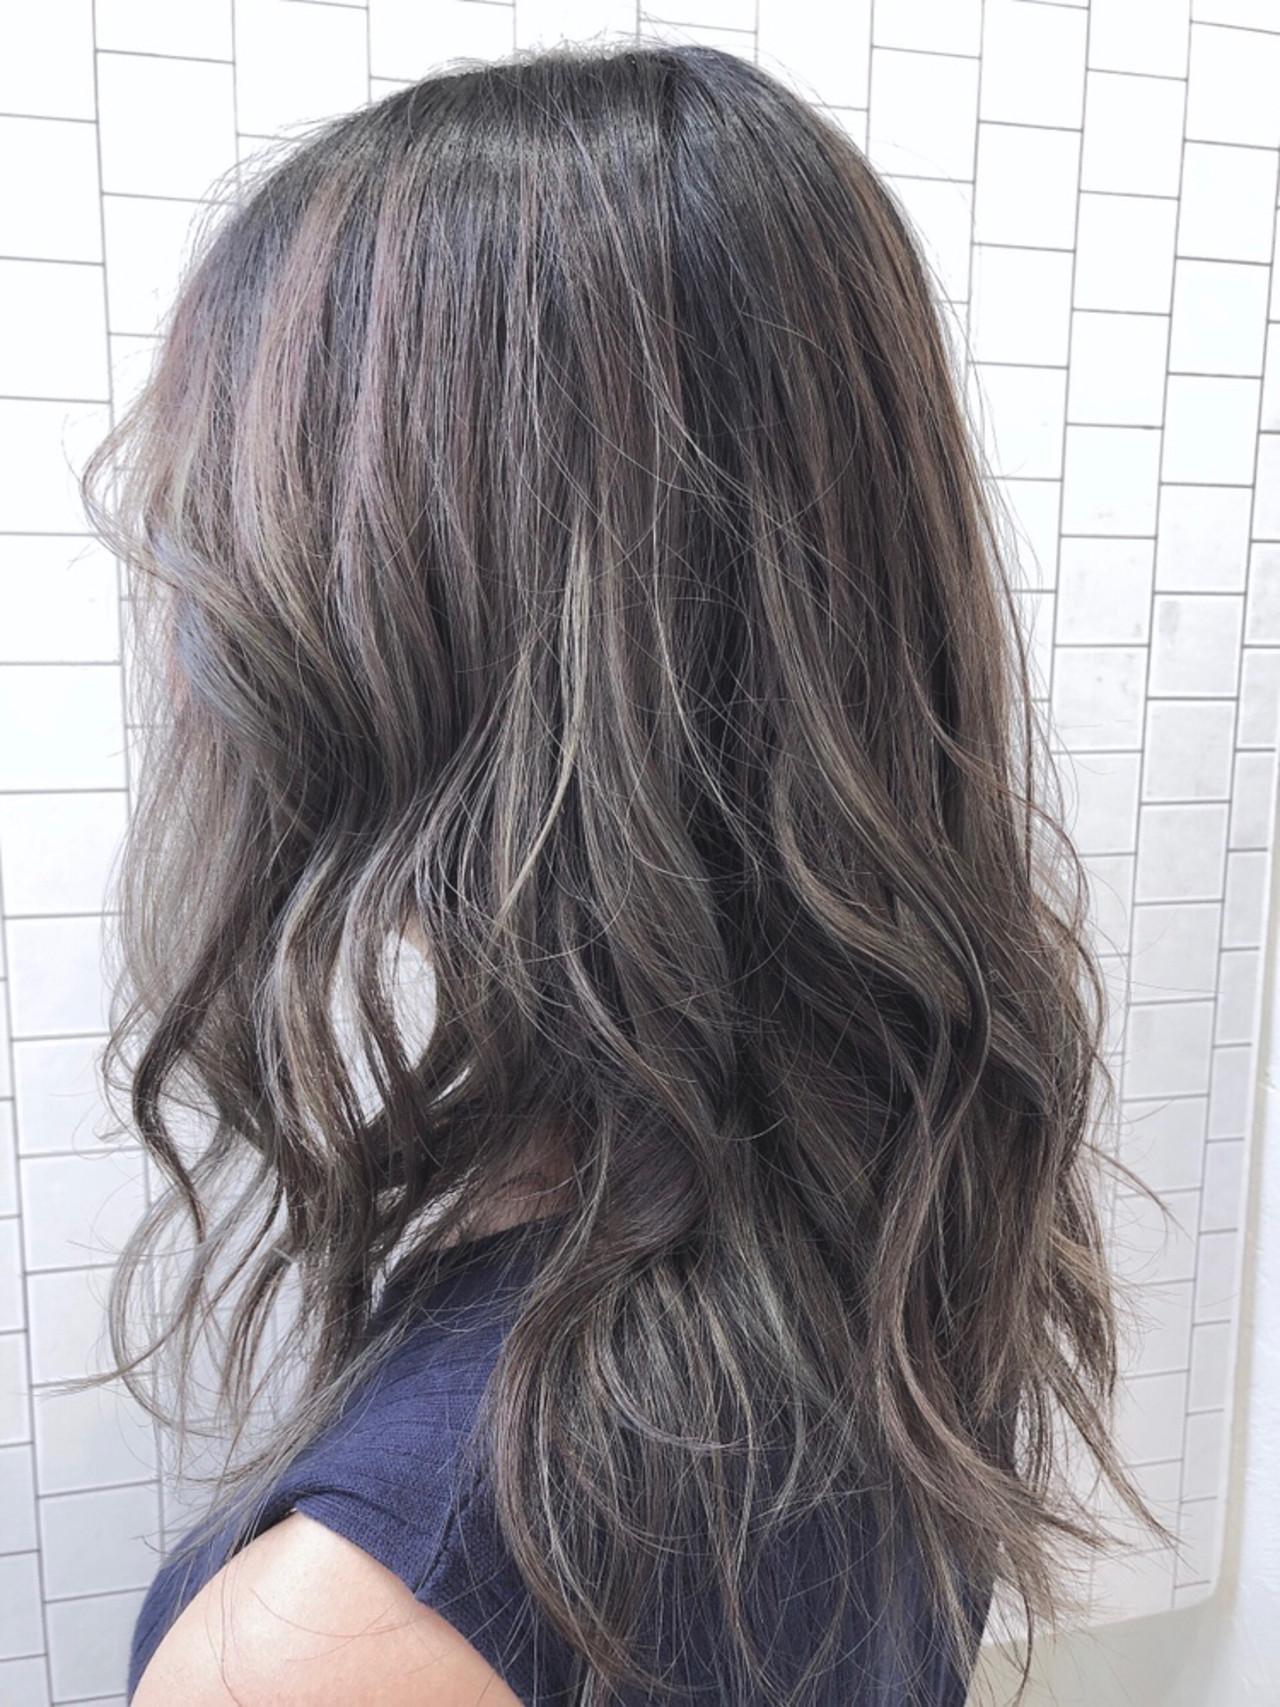 ナチュラル セミロング イルミナカラー 透明感カラー ヘアスタイルや髪型の写真・画像